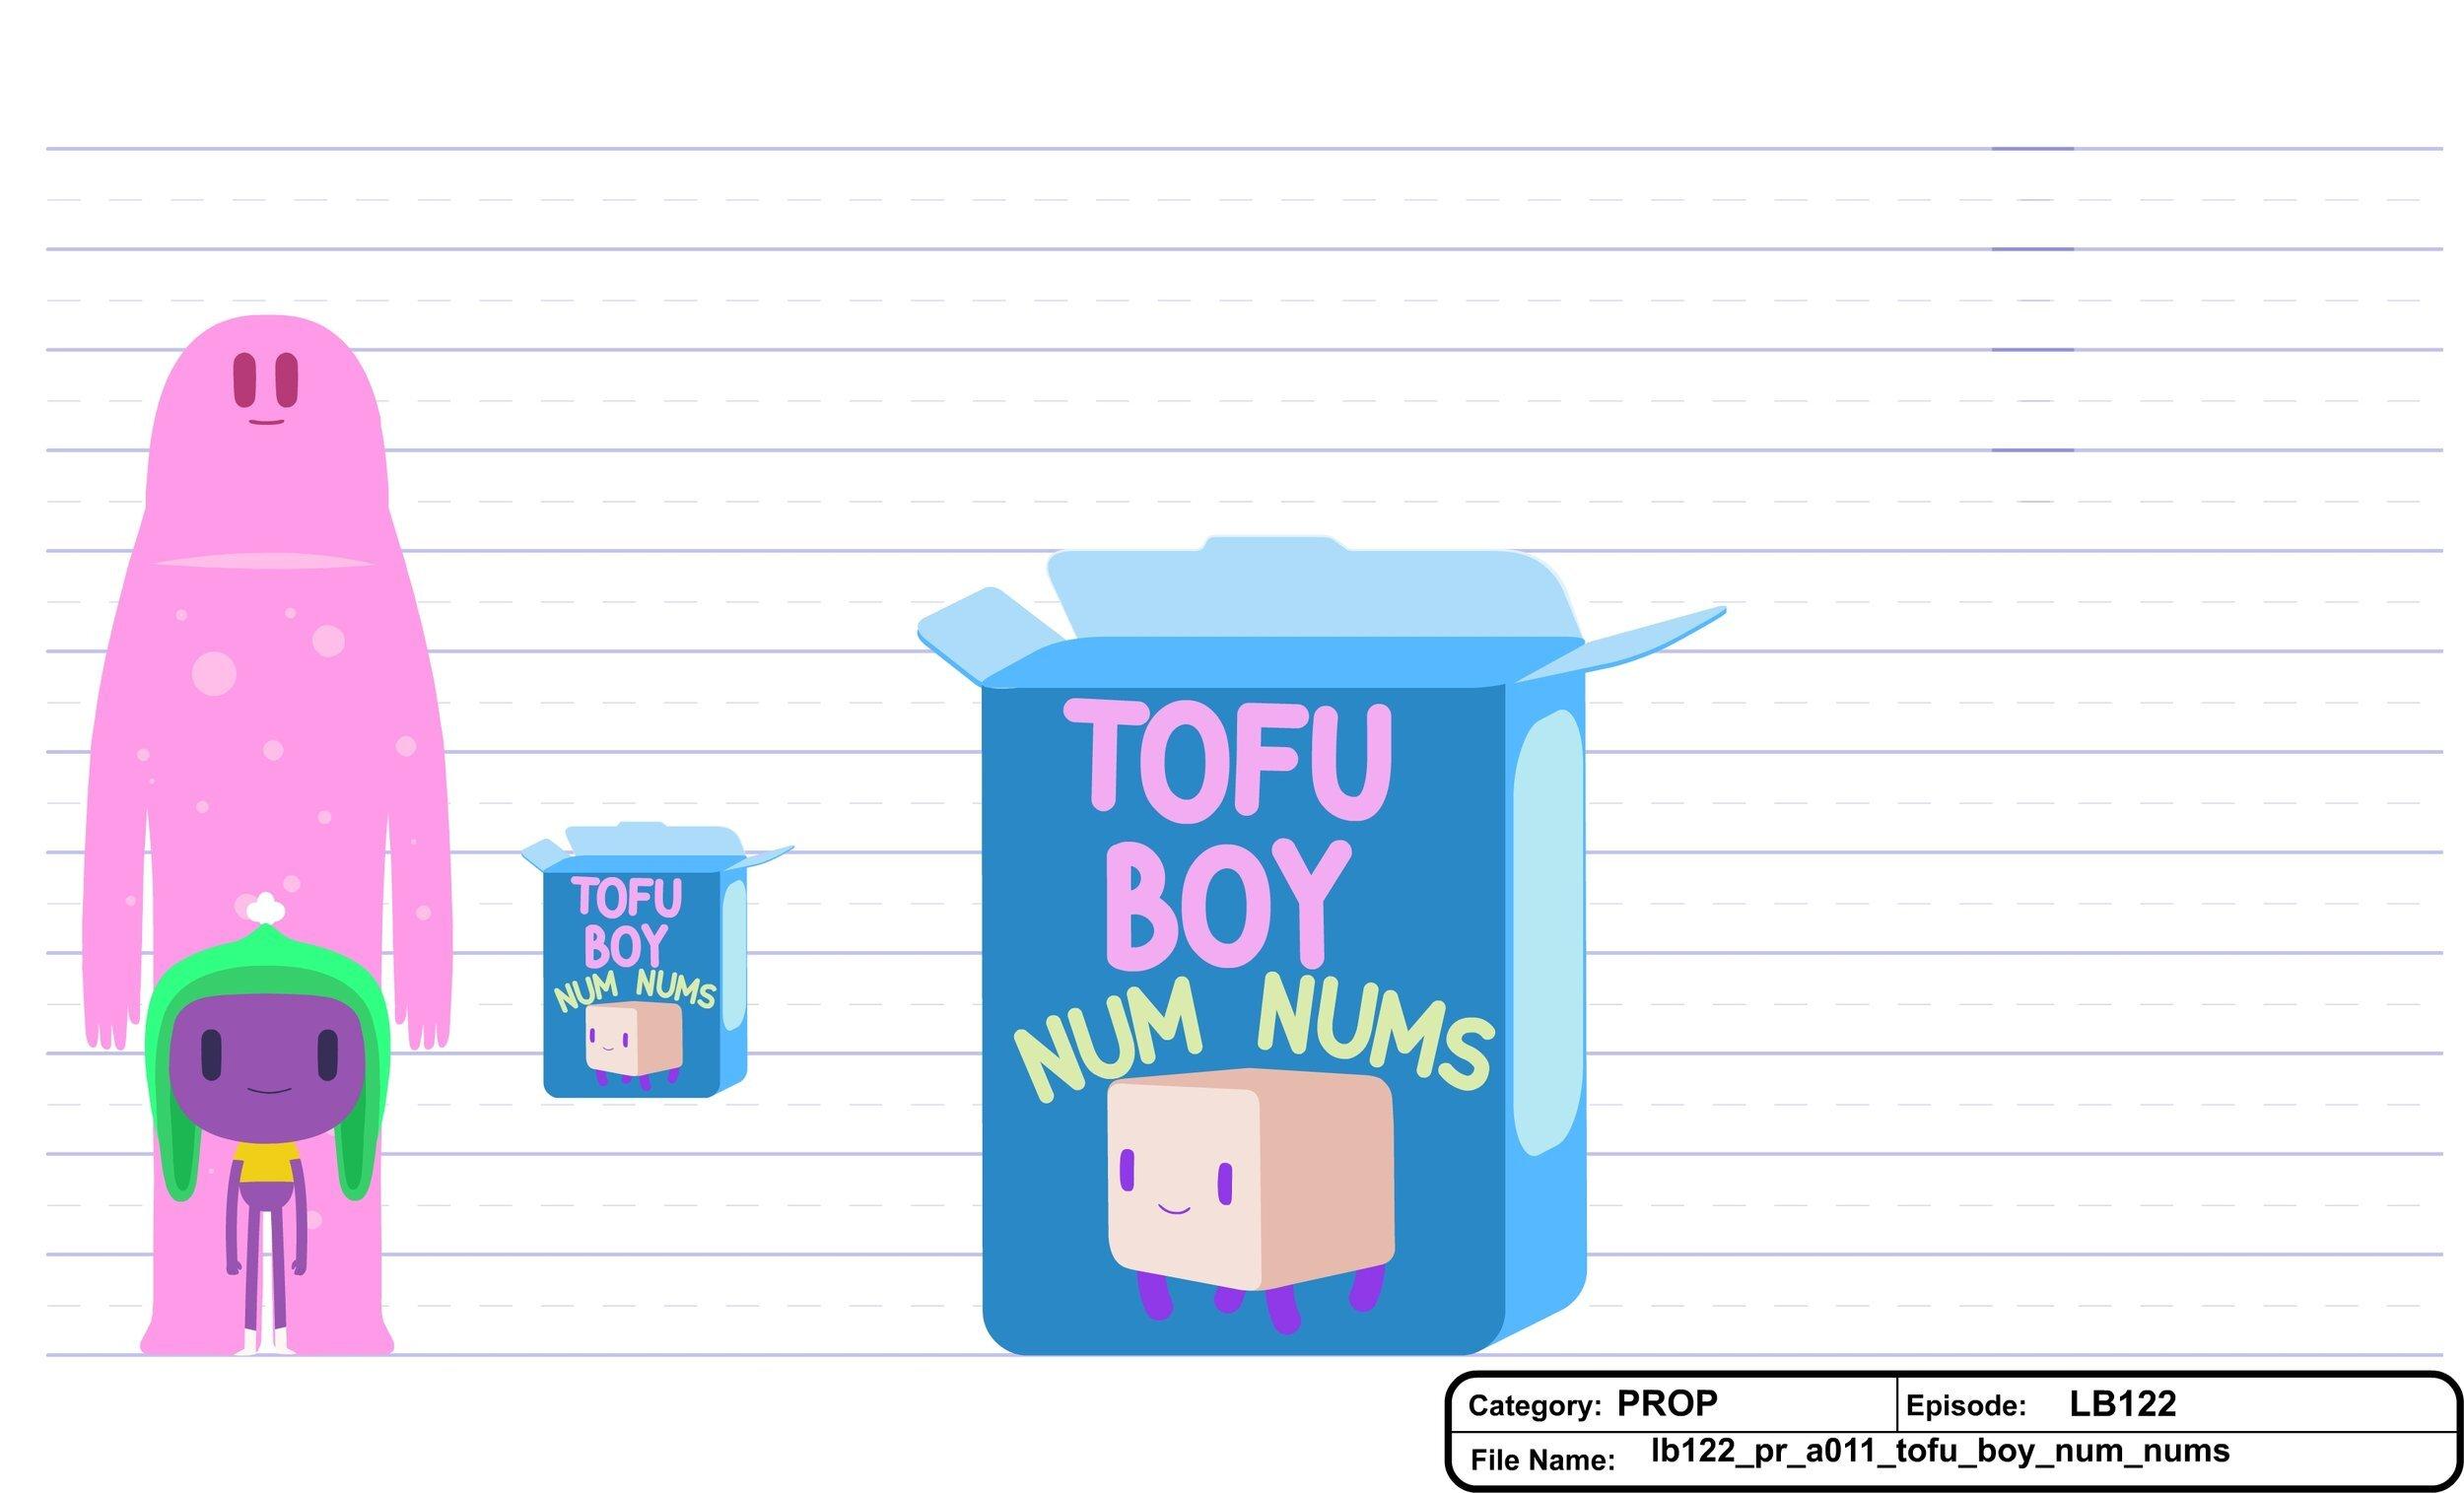 lb122_pr_a011_tofu_boy_num_nums_COLOR_v03_MK.jpg